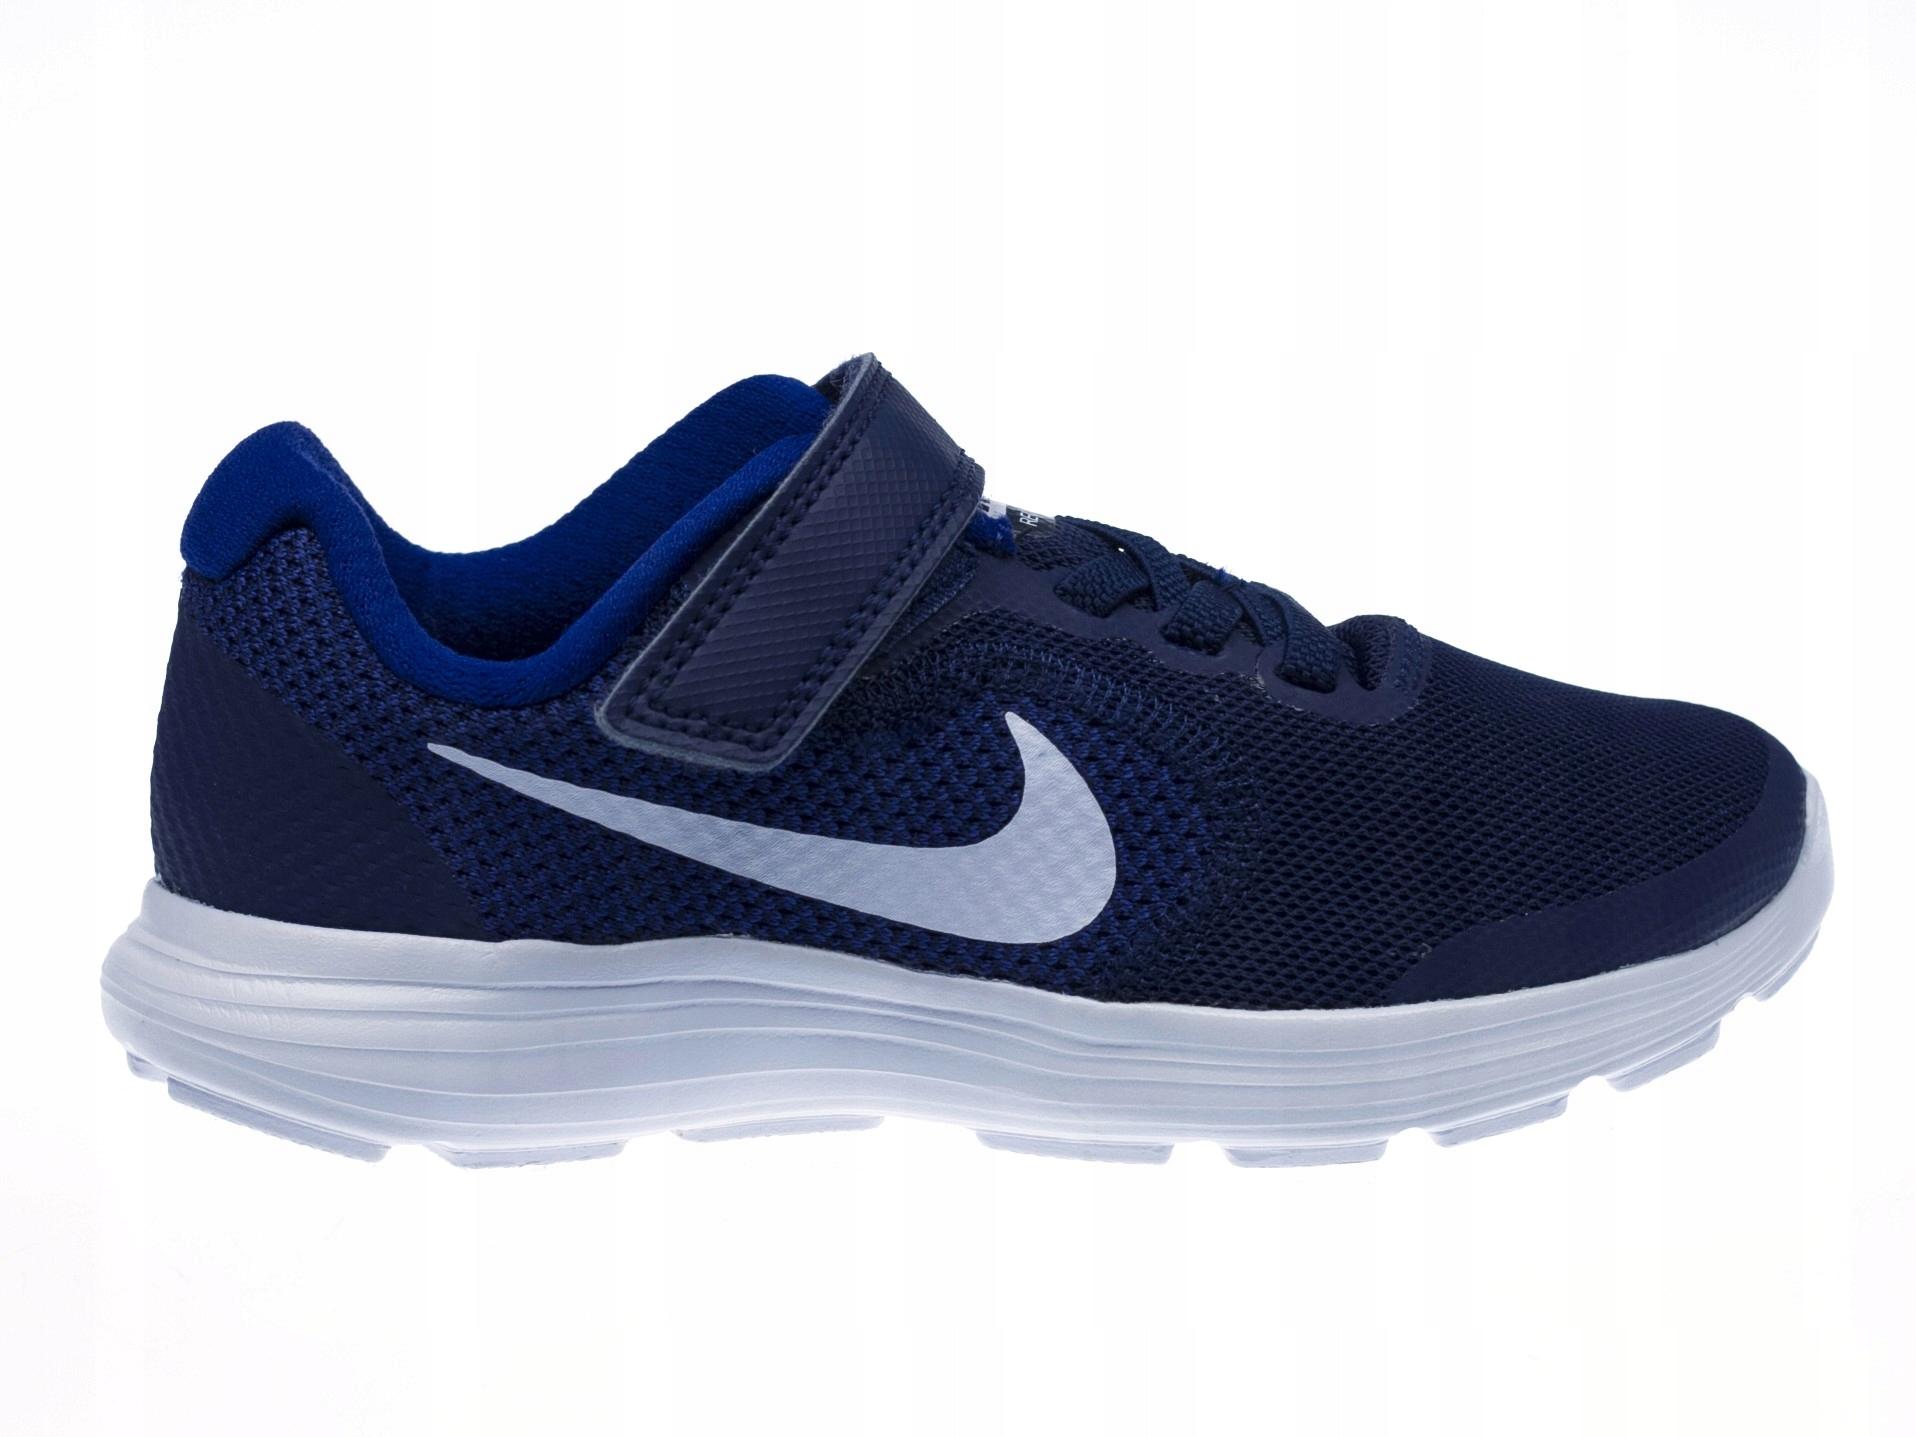 5ef5272c7dac0 35 3 7430441694 Rozm Buty Revolution Oficjalne Nike psv 4AxwEXEfRq